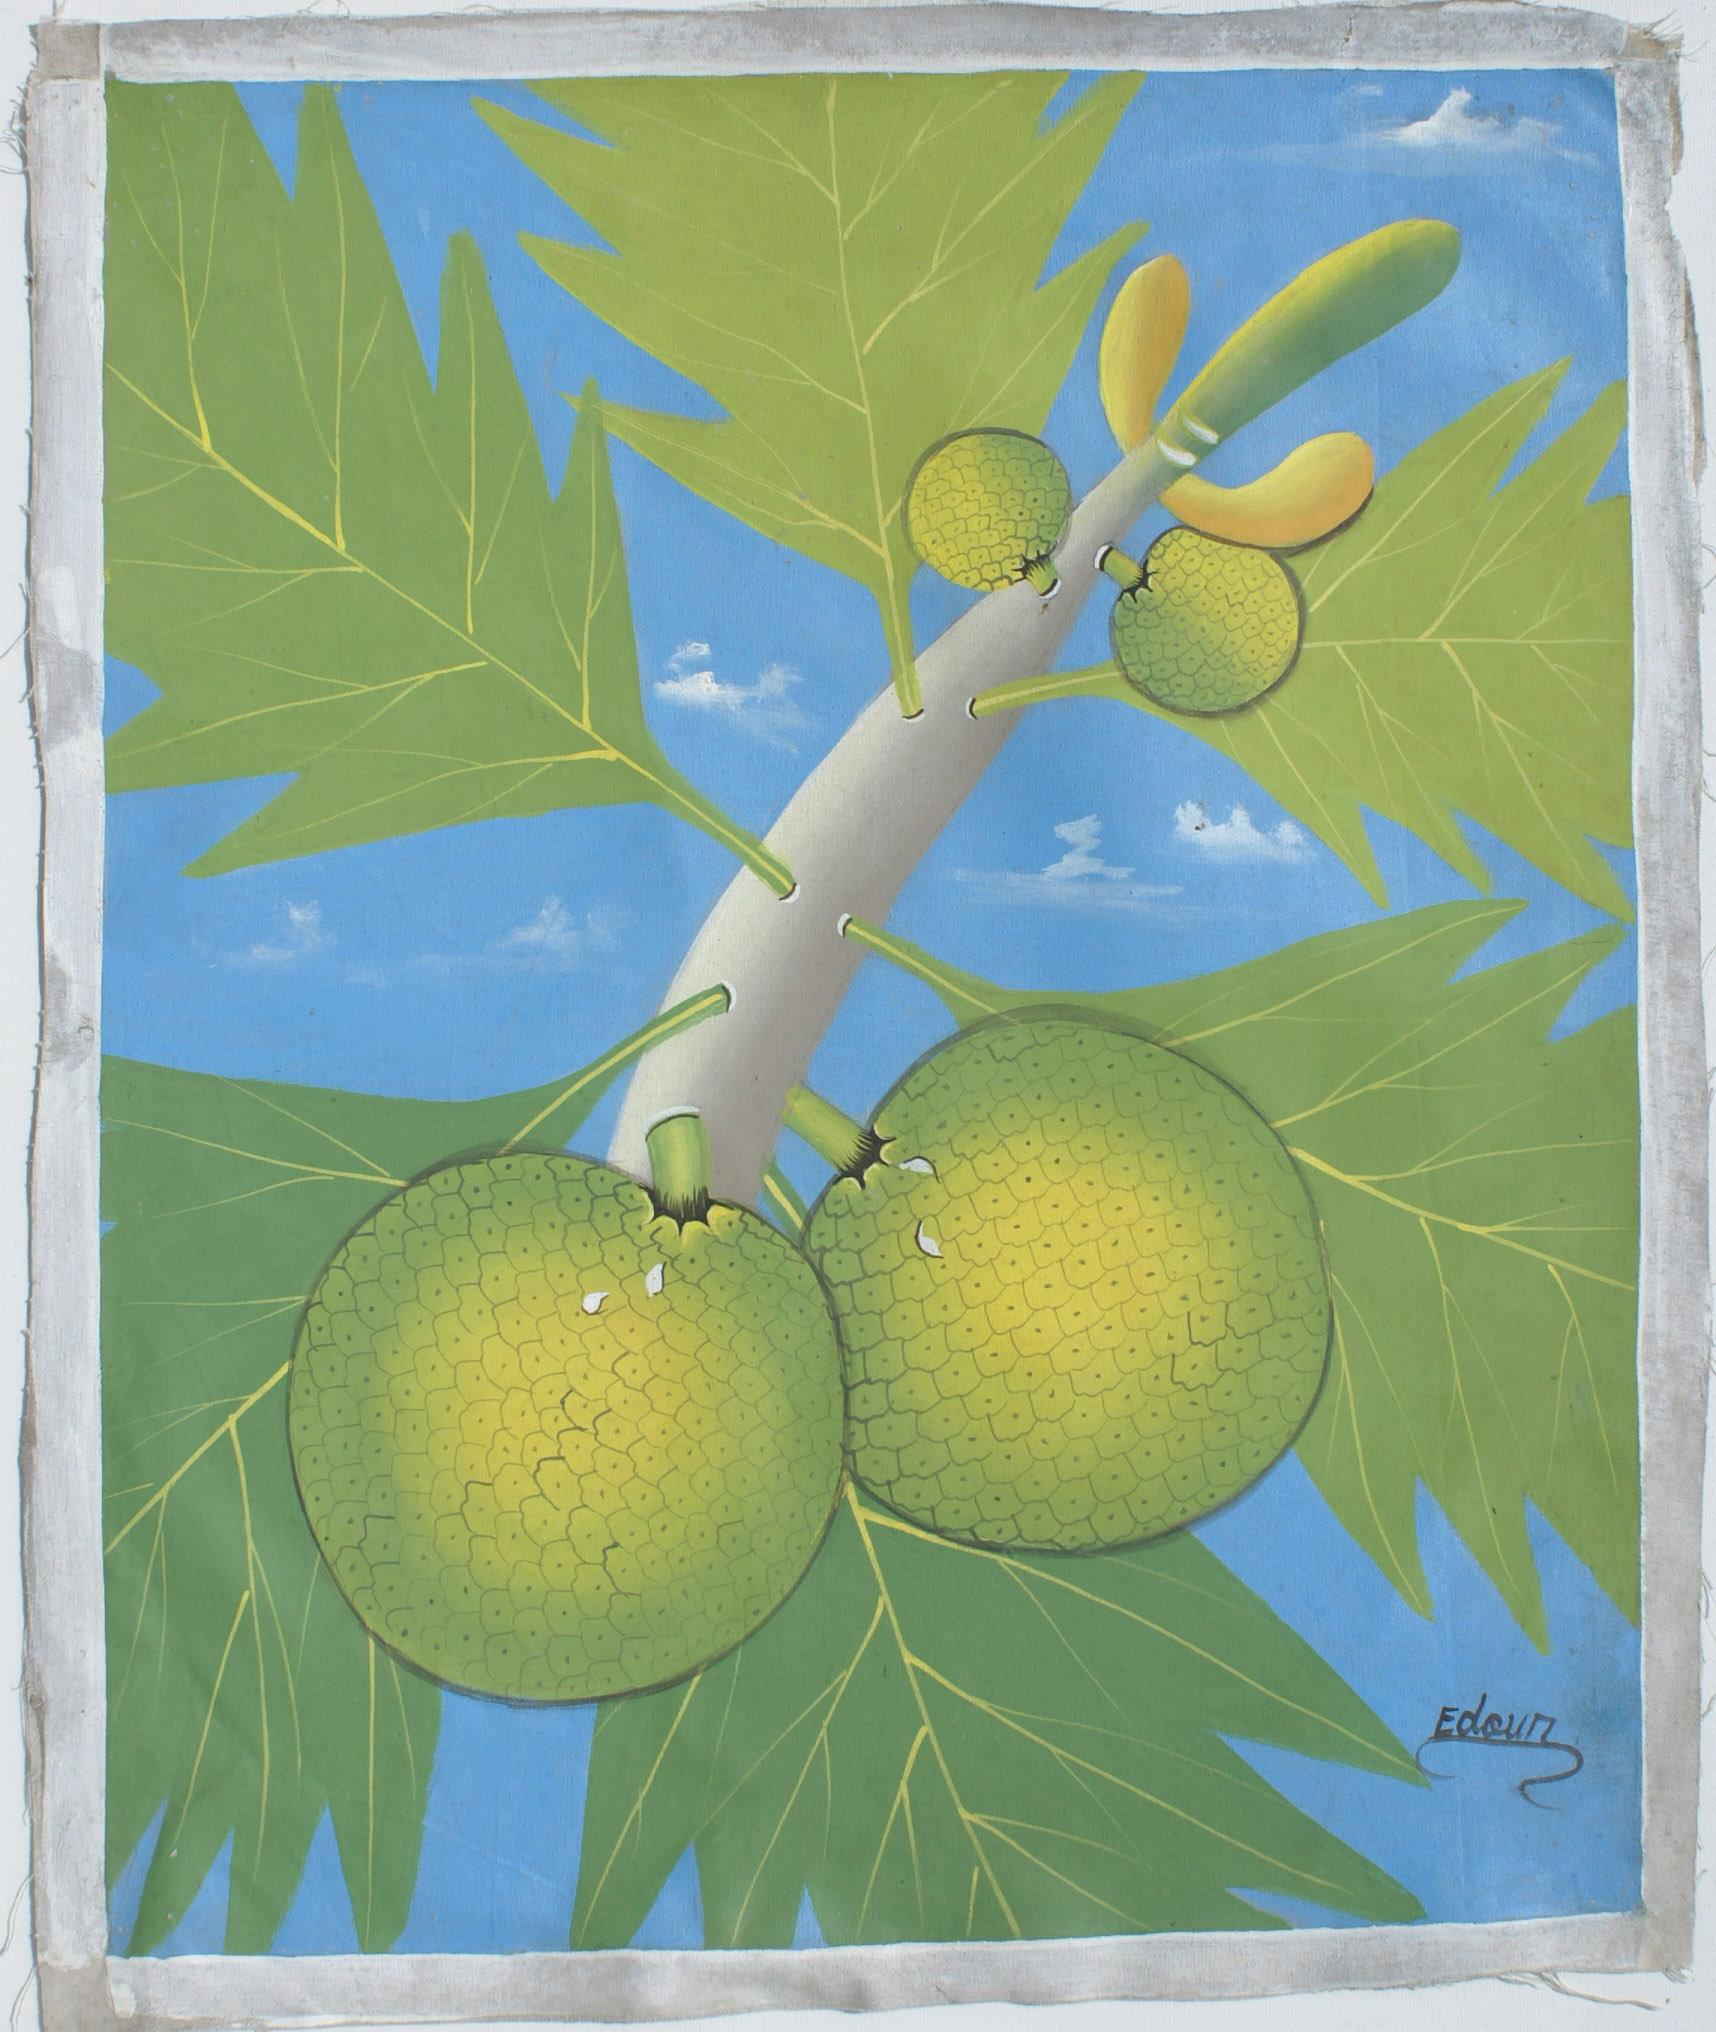 Vruchten origineel schilderij op doek volkskunst ha ti eur veiling nederland - Mandje doek doek ...